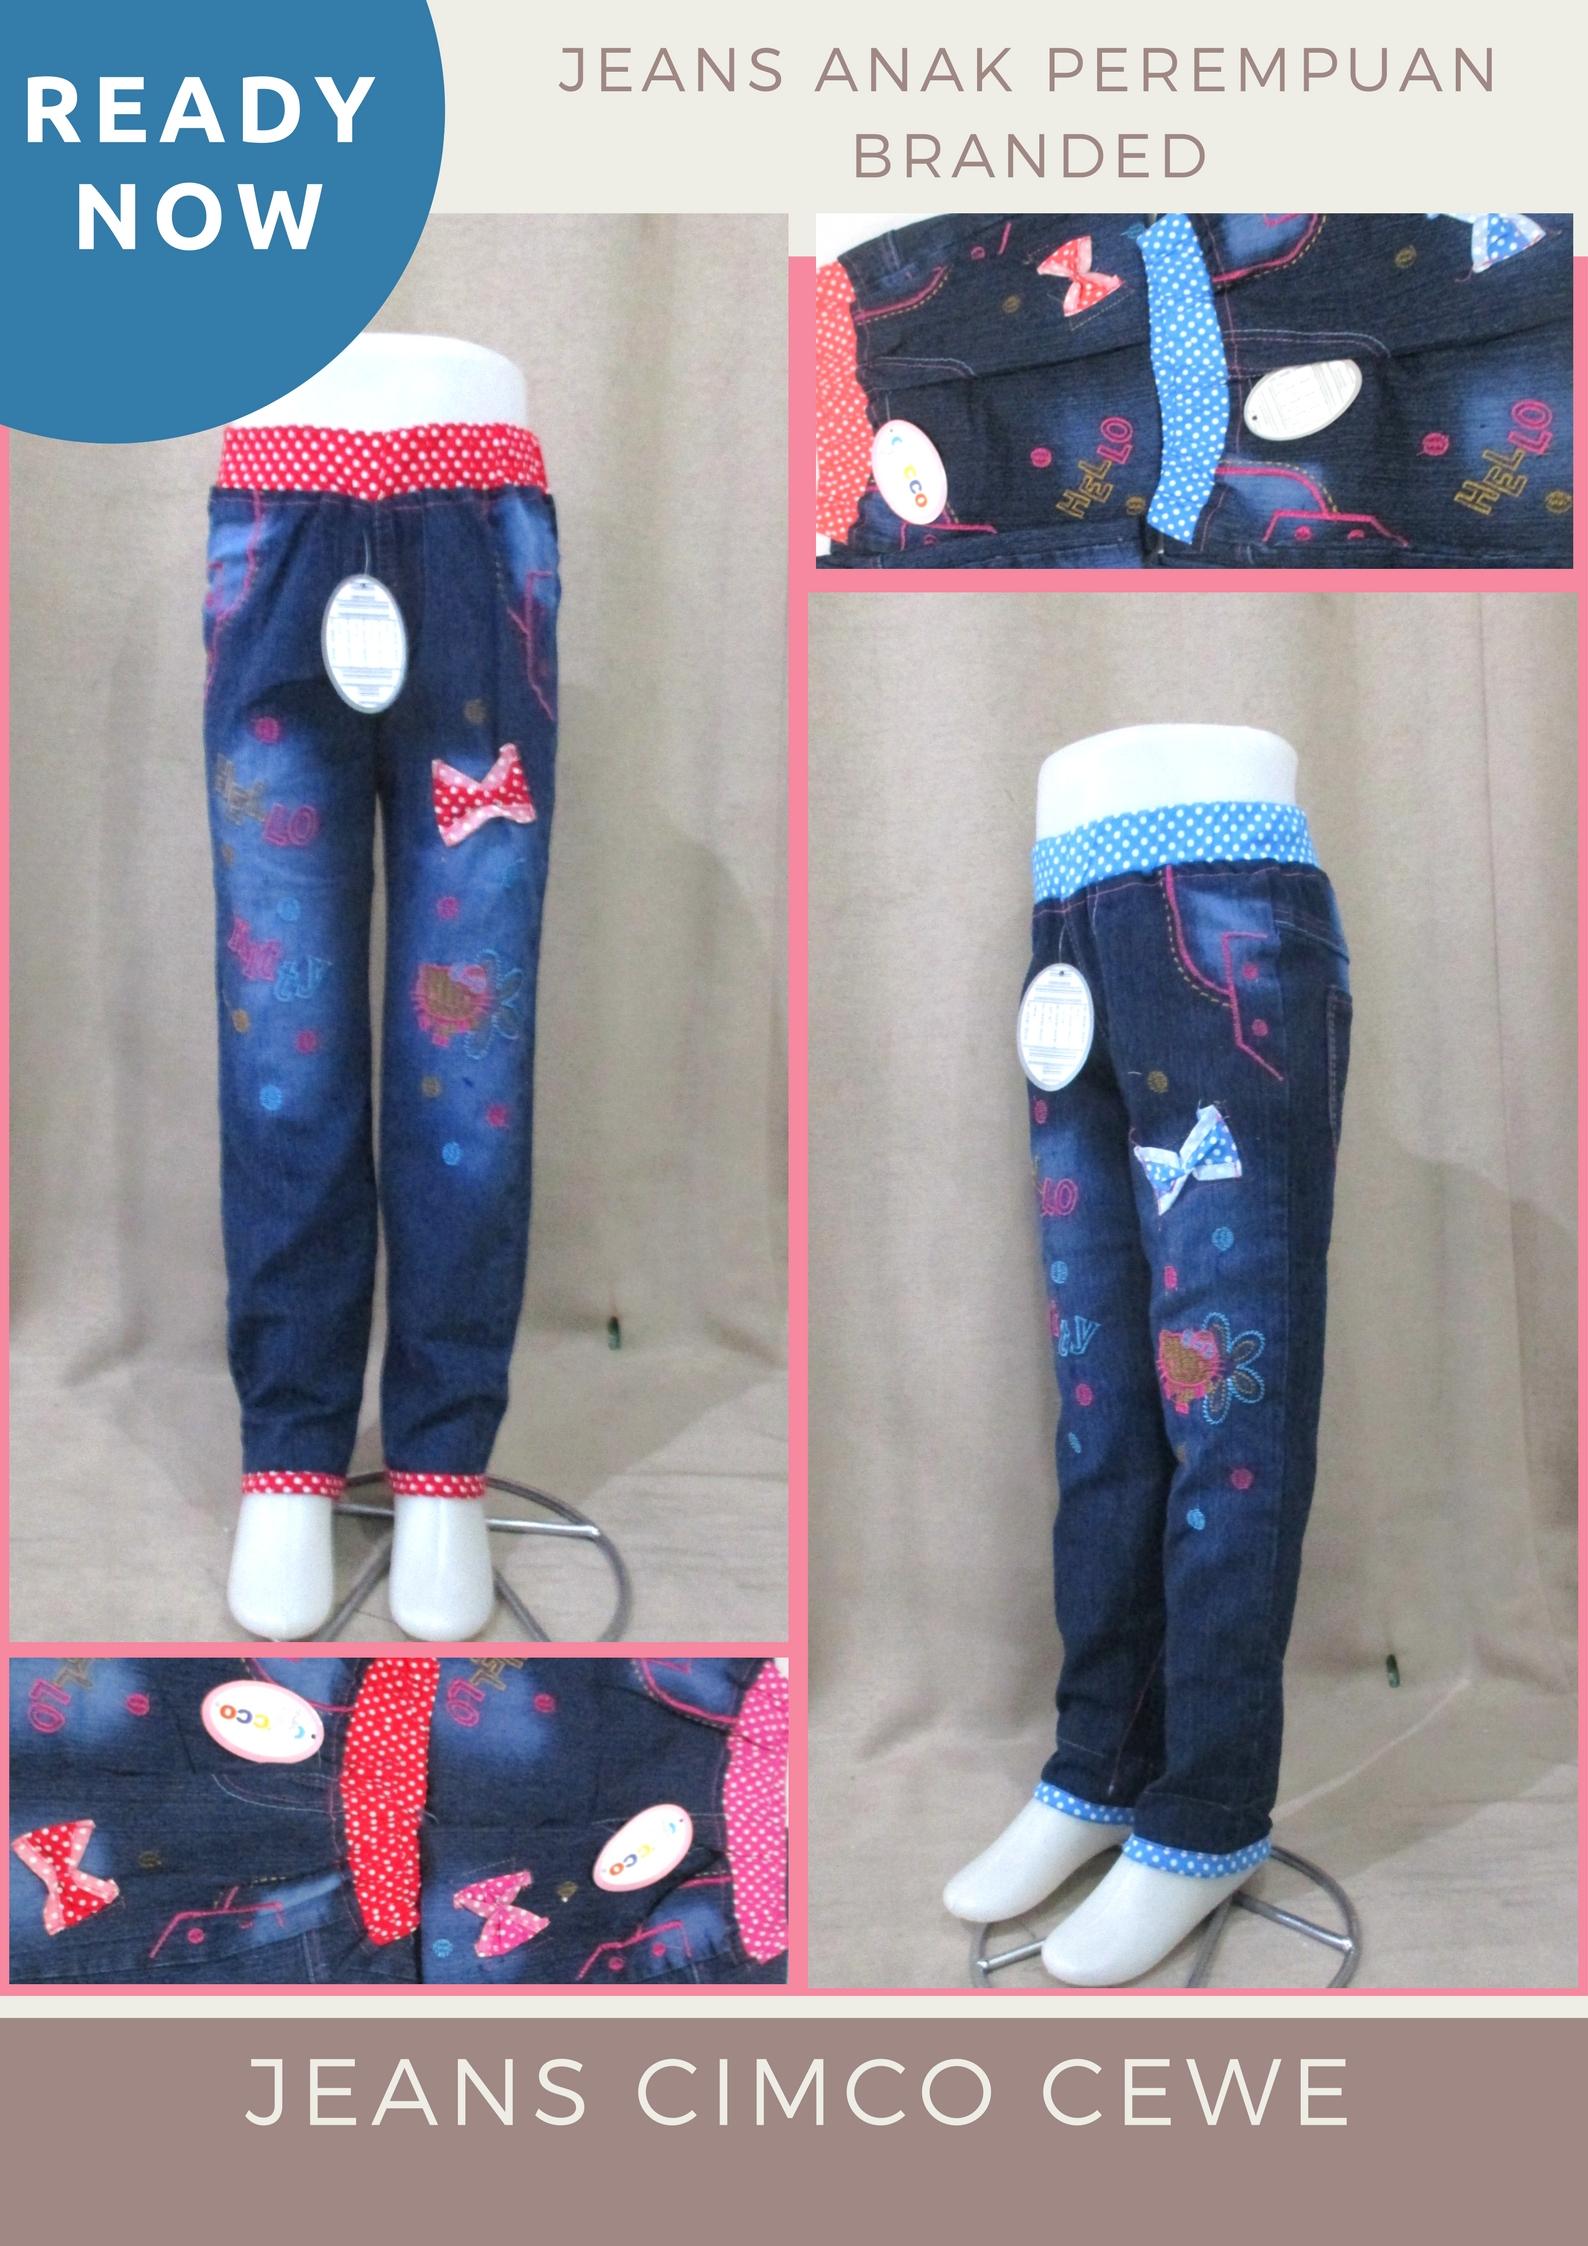 Pusat Grosir Baju Murah Solo Klewer 2021 Distributor Celana Jeans Cimco Anak Perempuan Murah di Solo 35Ribu